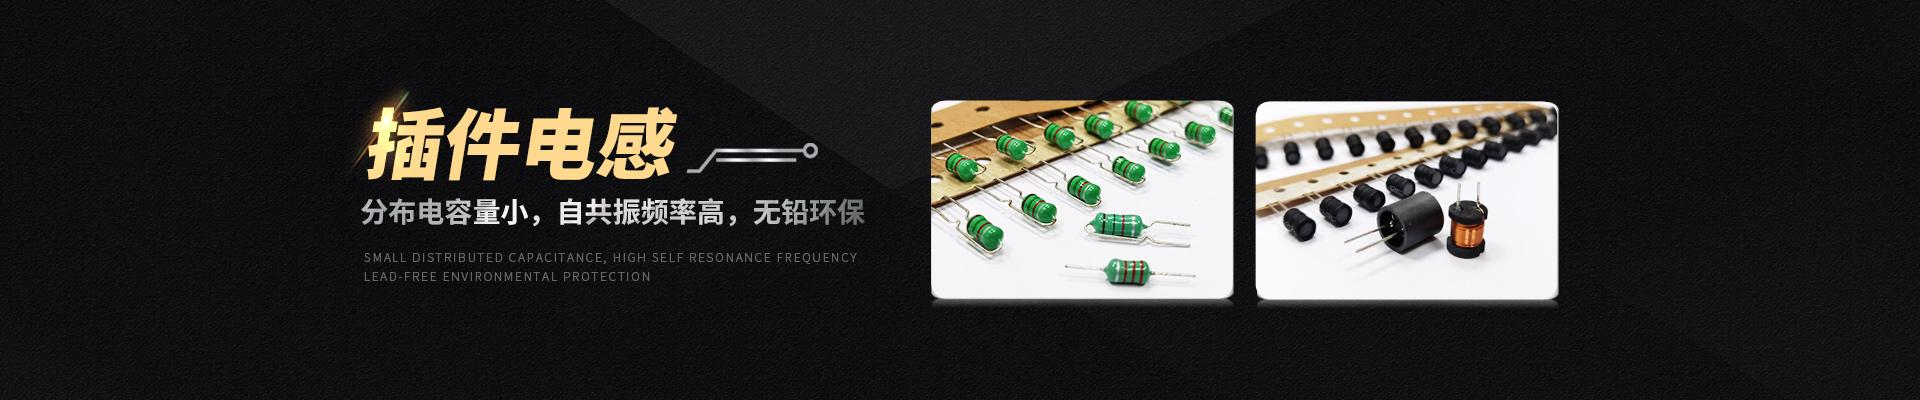 金昊德插件电感-分布电容量小,自共振频率高,无铅环保